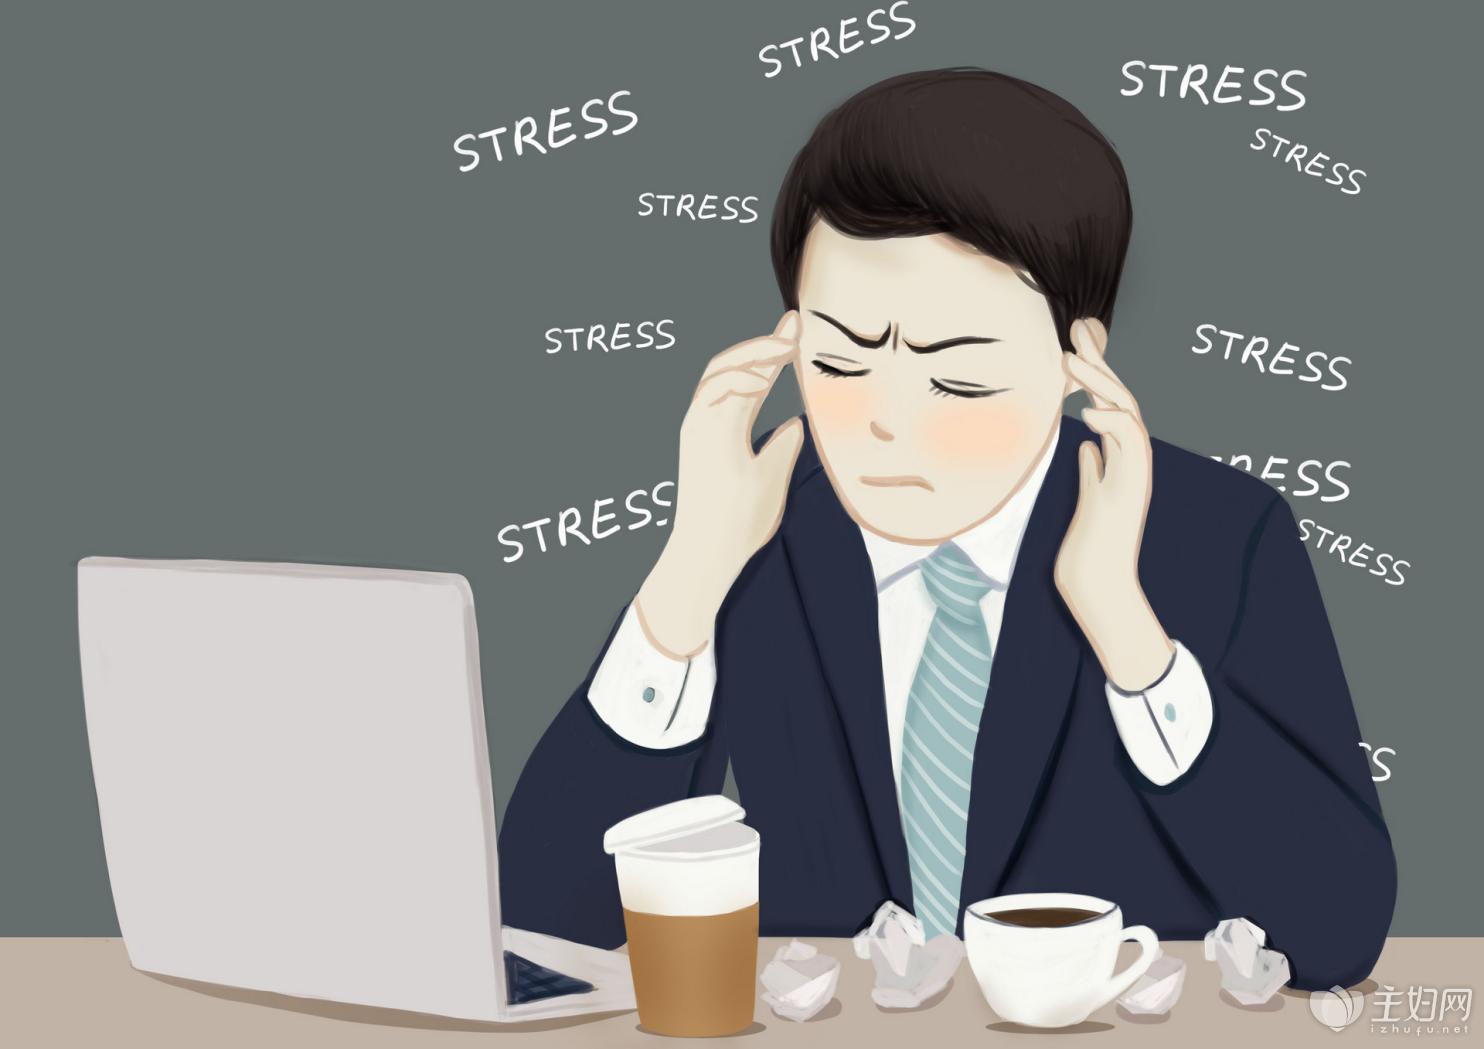 上班累怎么缓解疲劳|上班易疲劳需要补充蛋白质?蛋白粉什么牌子好?